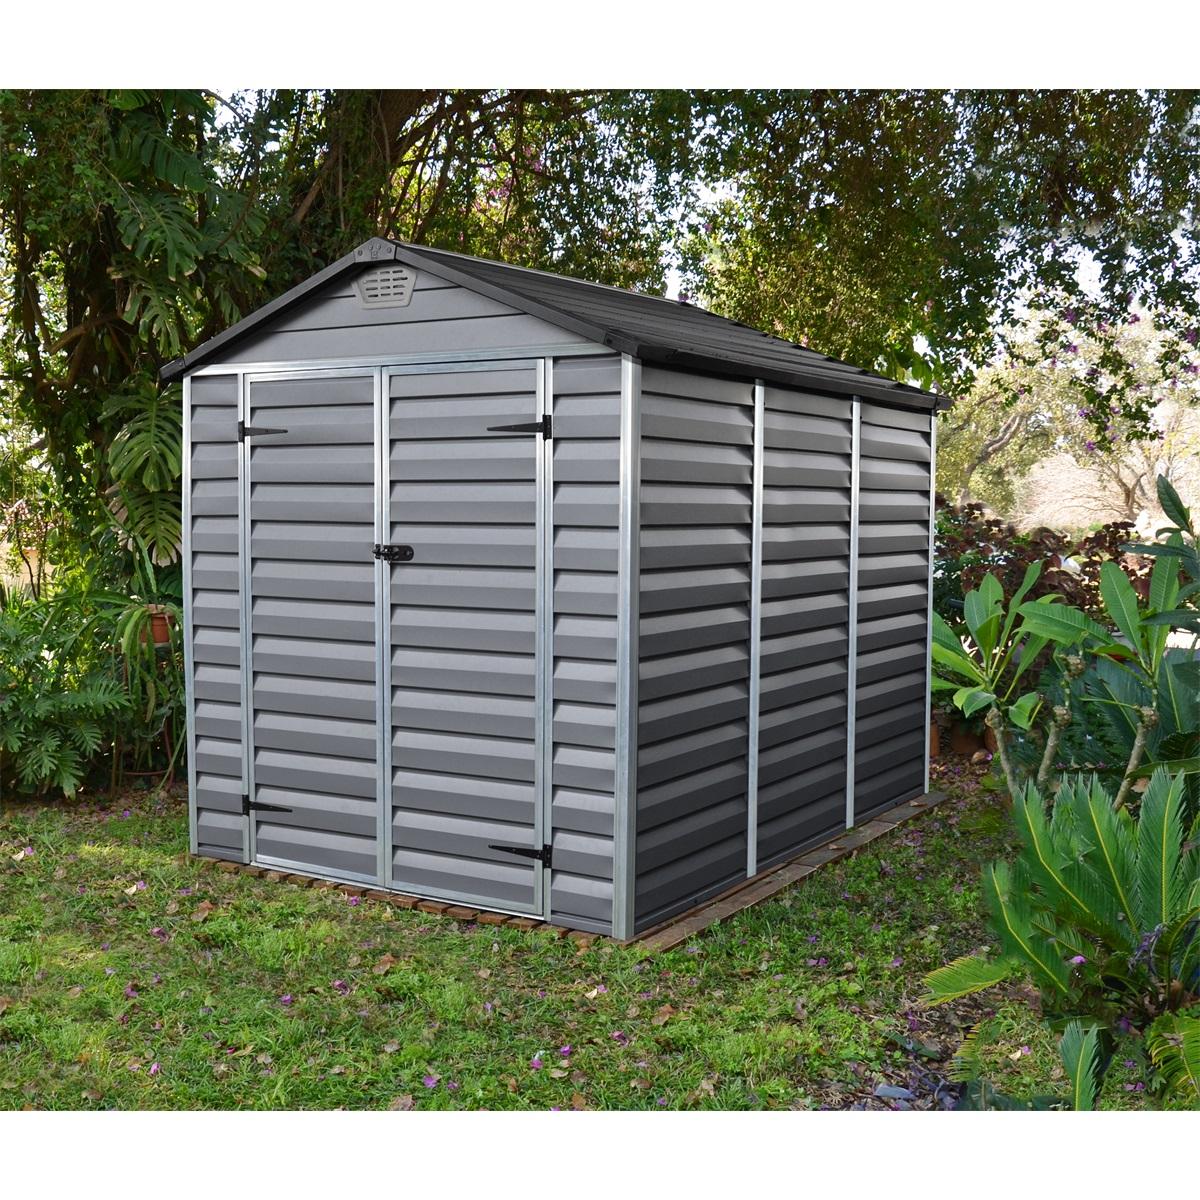 Palram Skylight 6x8 šedý, záhradný domček